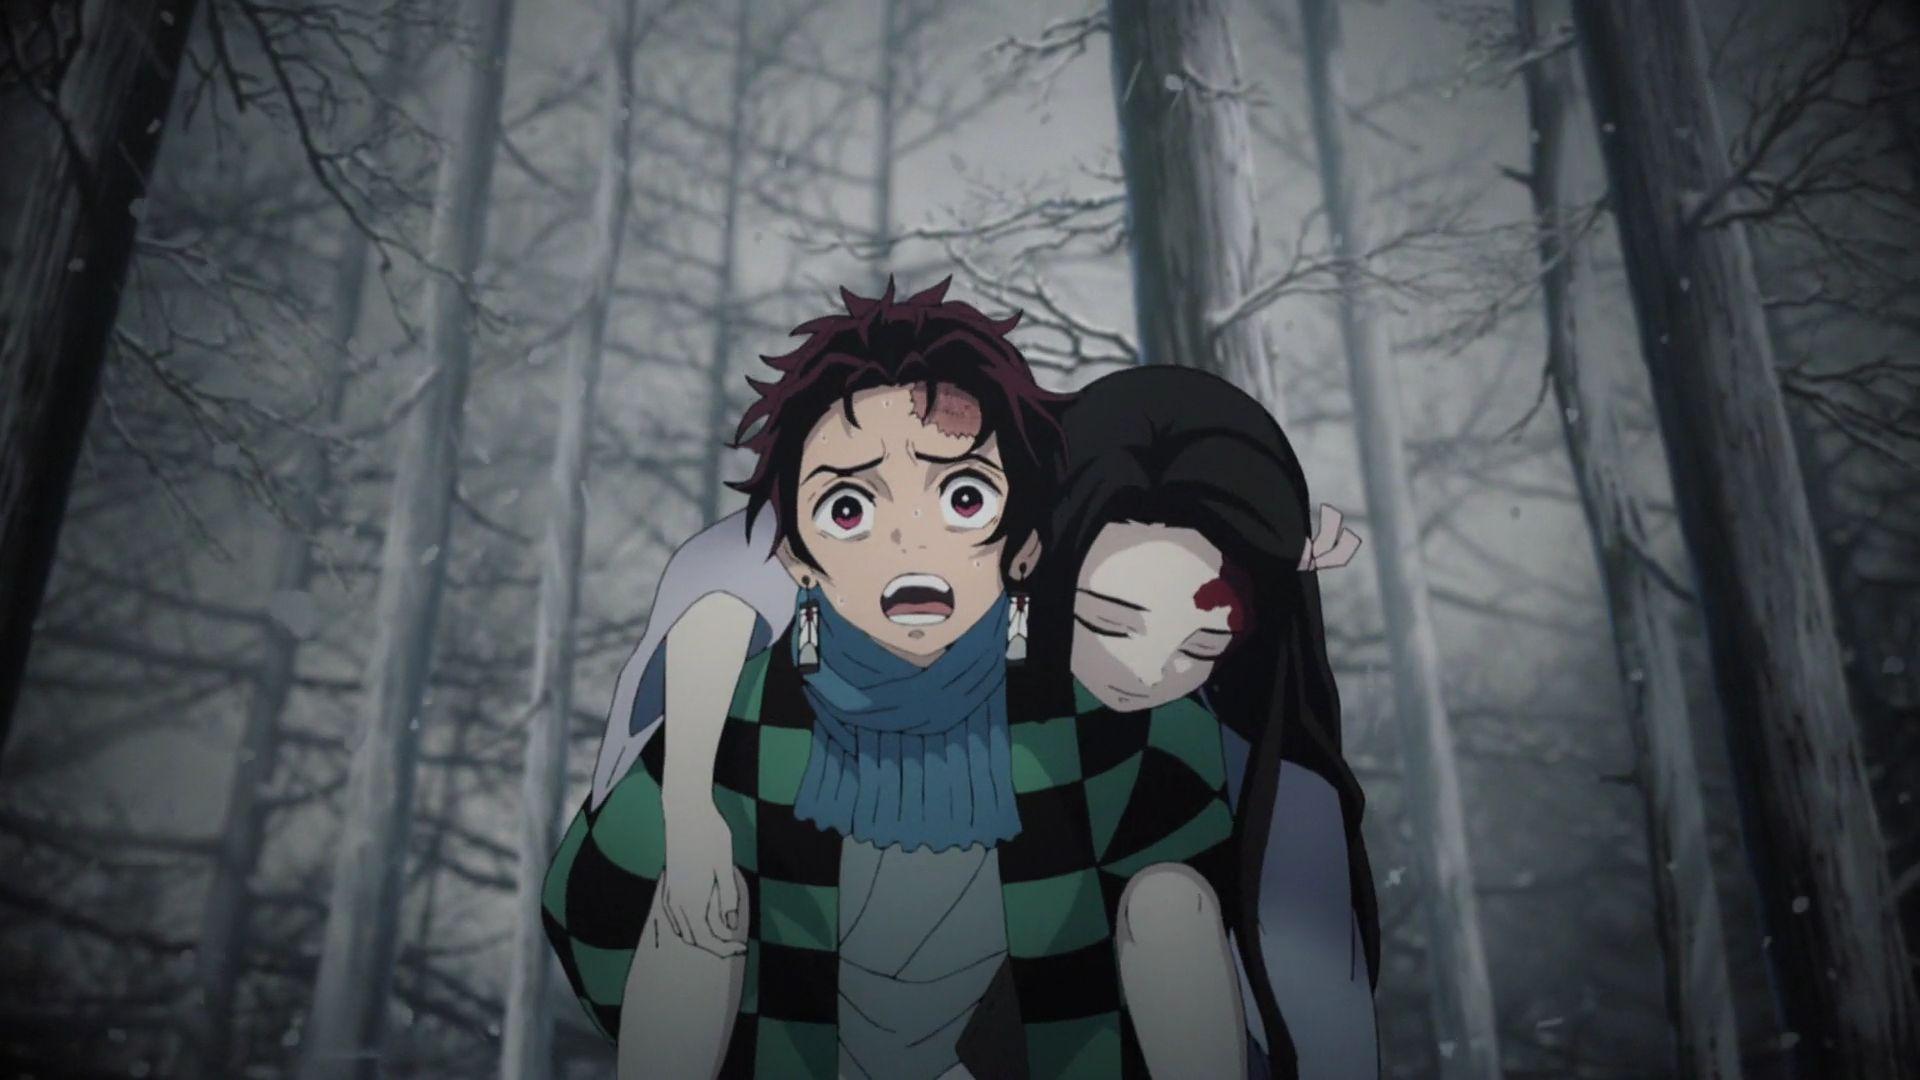 Demon Slayer: Kimetsu no Yaiba Episode 9